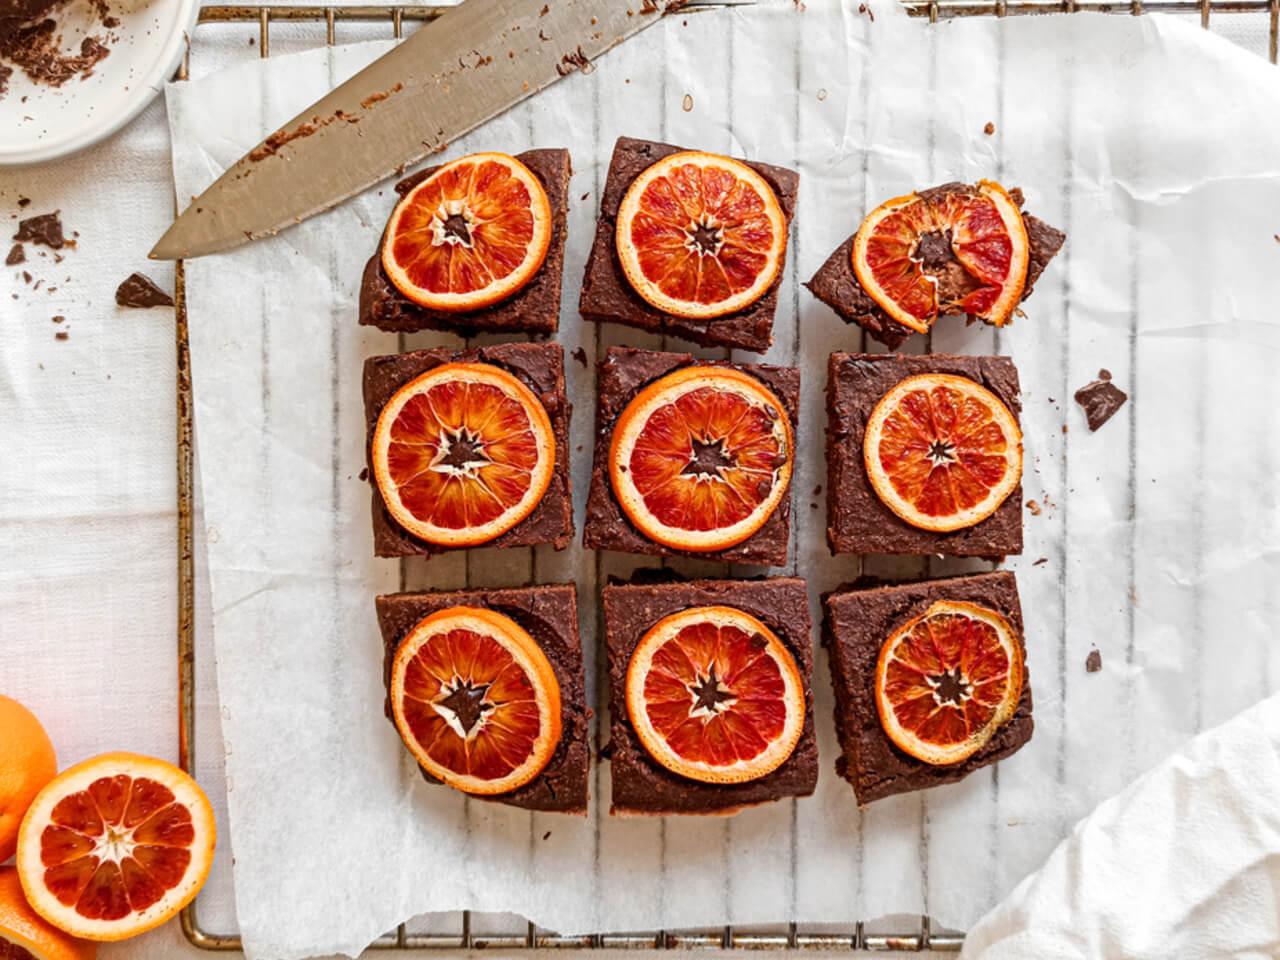 Voňavé čokoládové brownies s karamelizovaným pomerančem